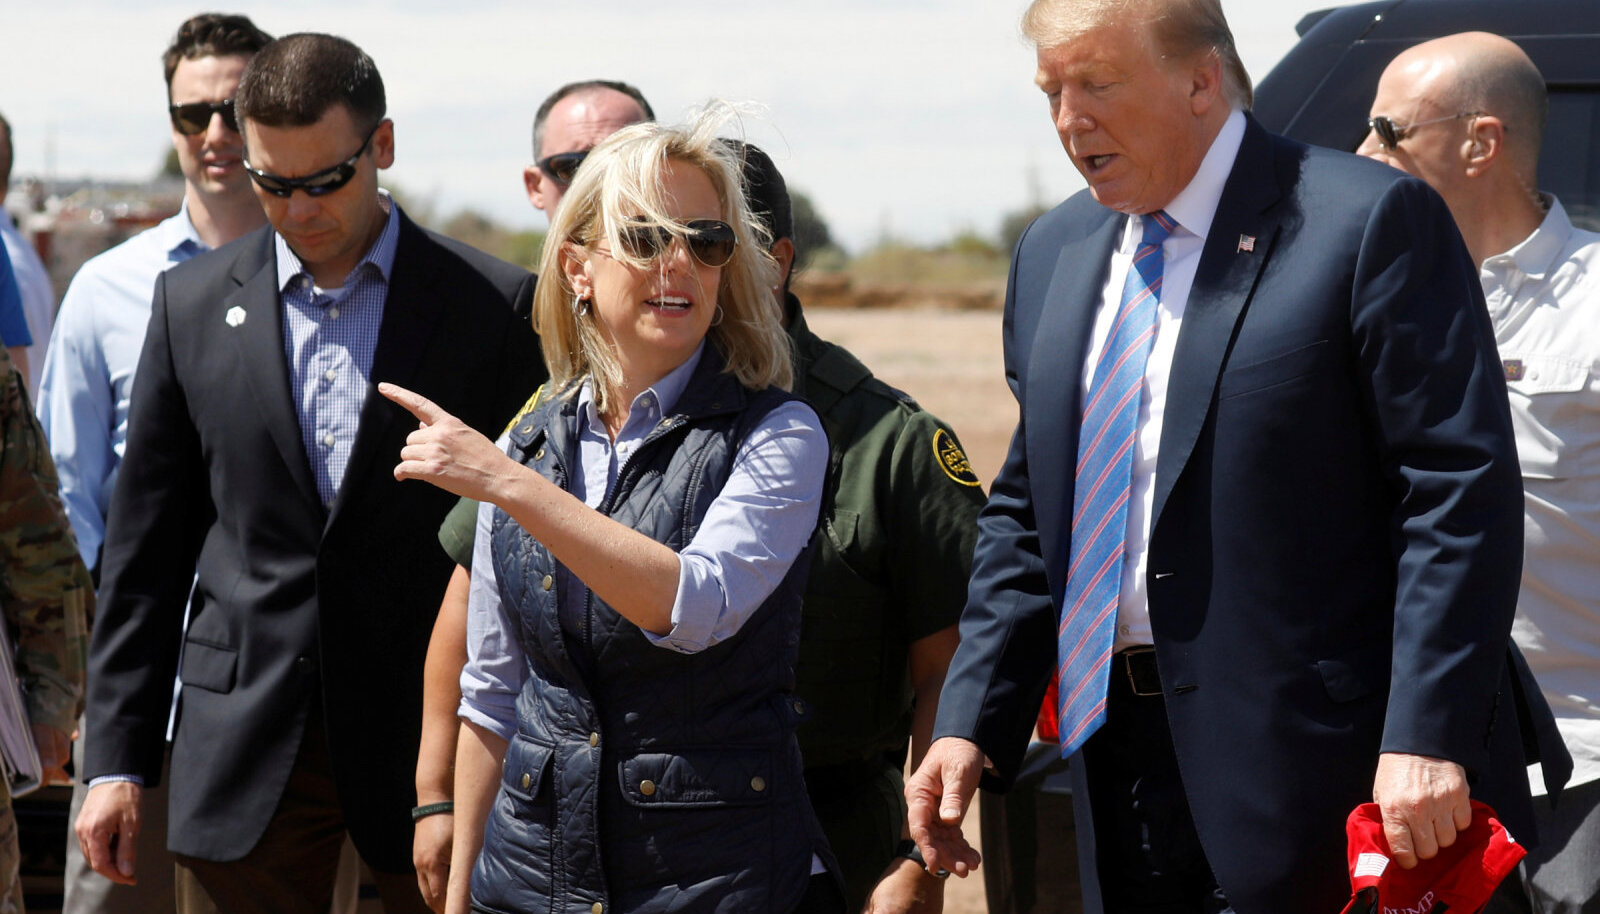 Tulevane endine sisejulgeolekuminister Trumpiga piirialasid külastamas.